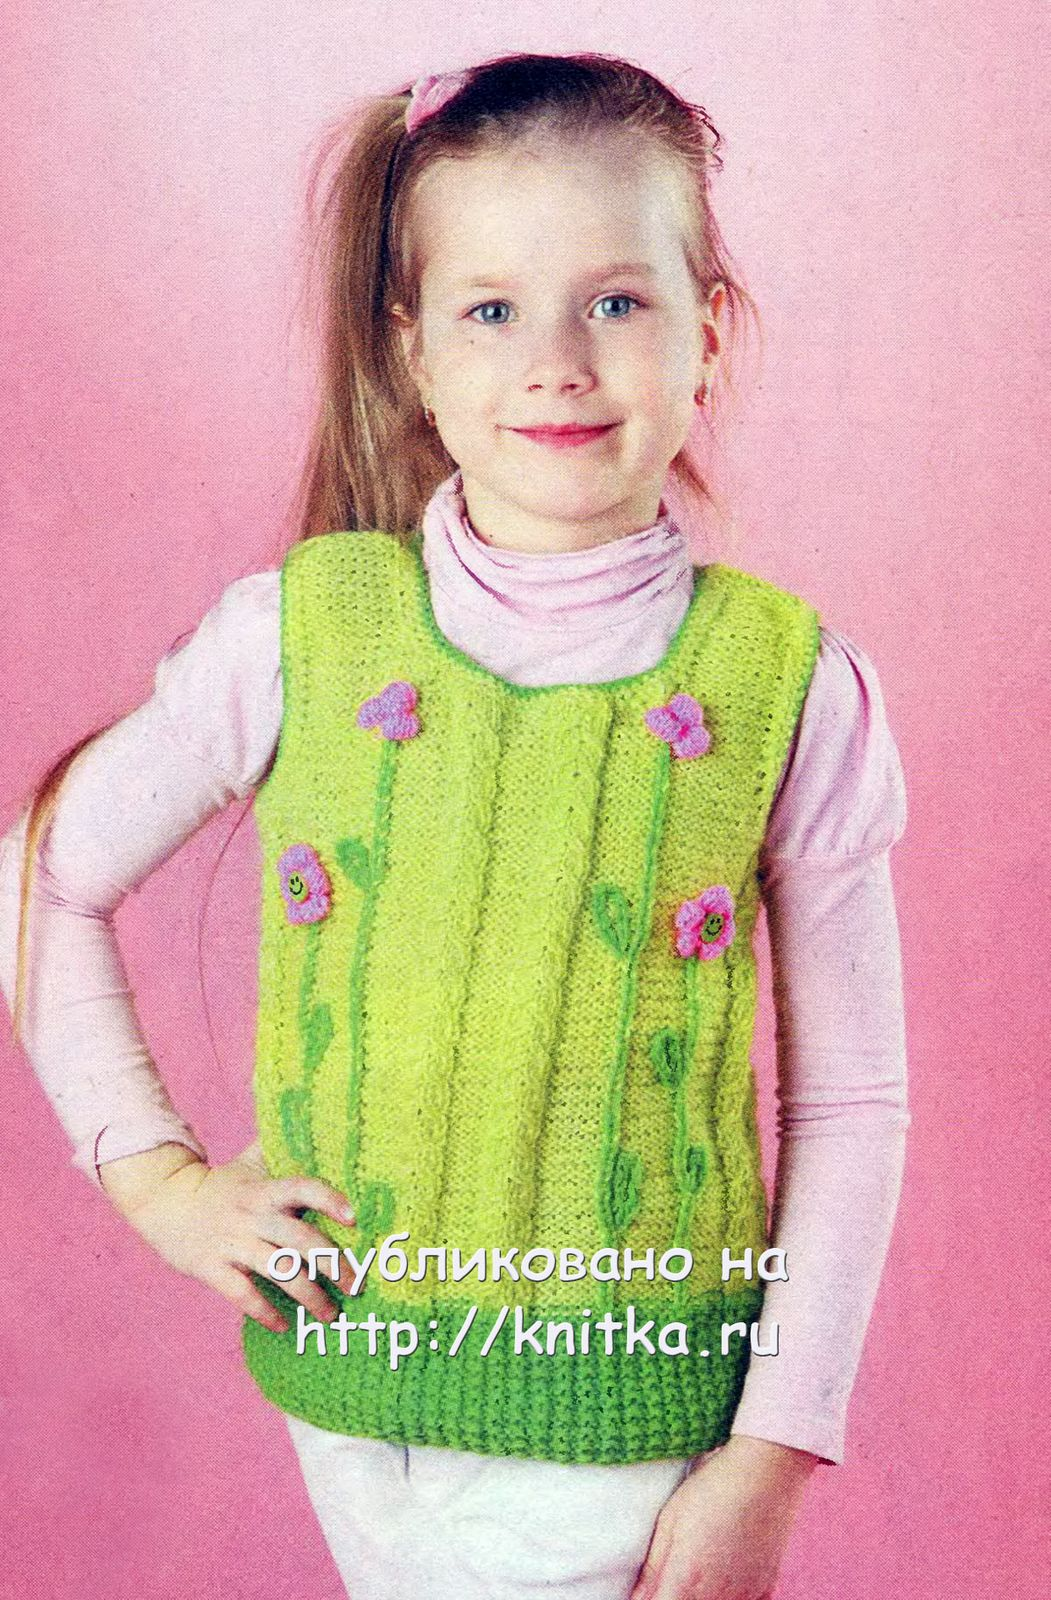 Вязание жилетки для детей спицами. Схема жилетки для